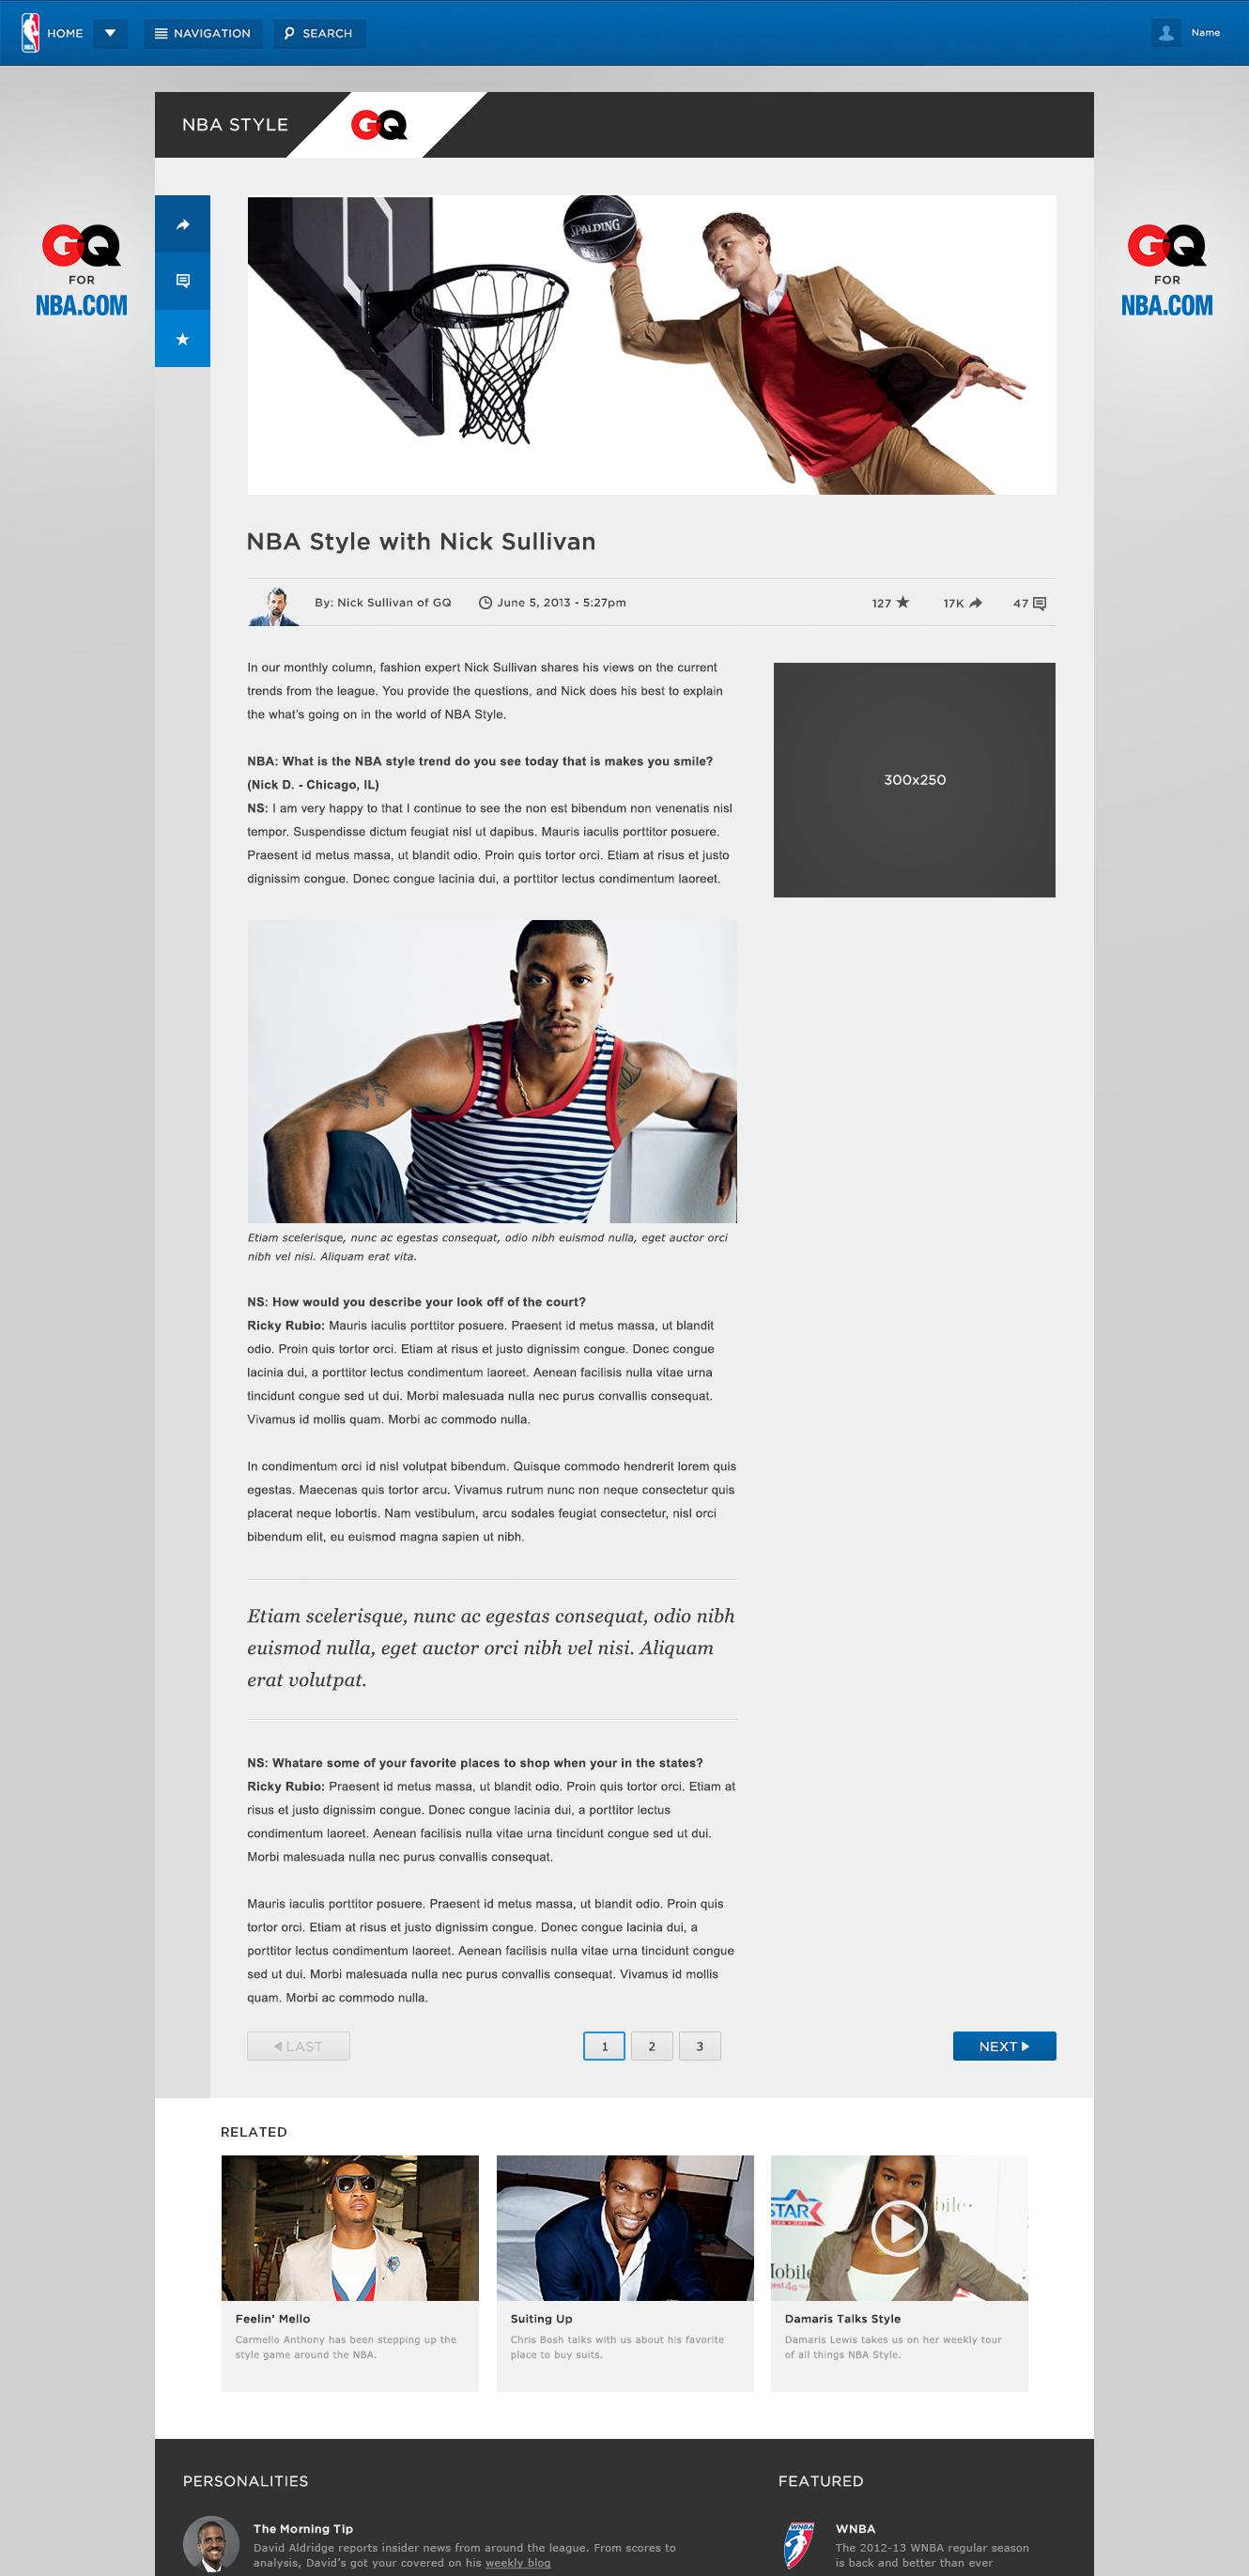 3_NBAcom_Redesign_Style_GQ_V1.jpg